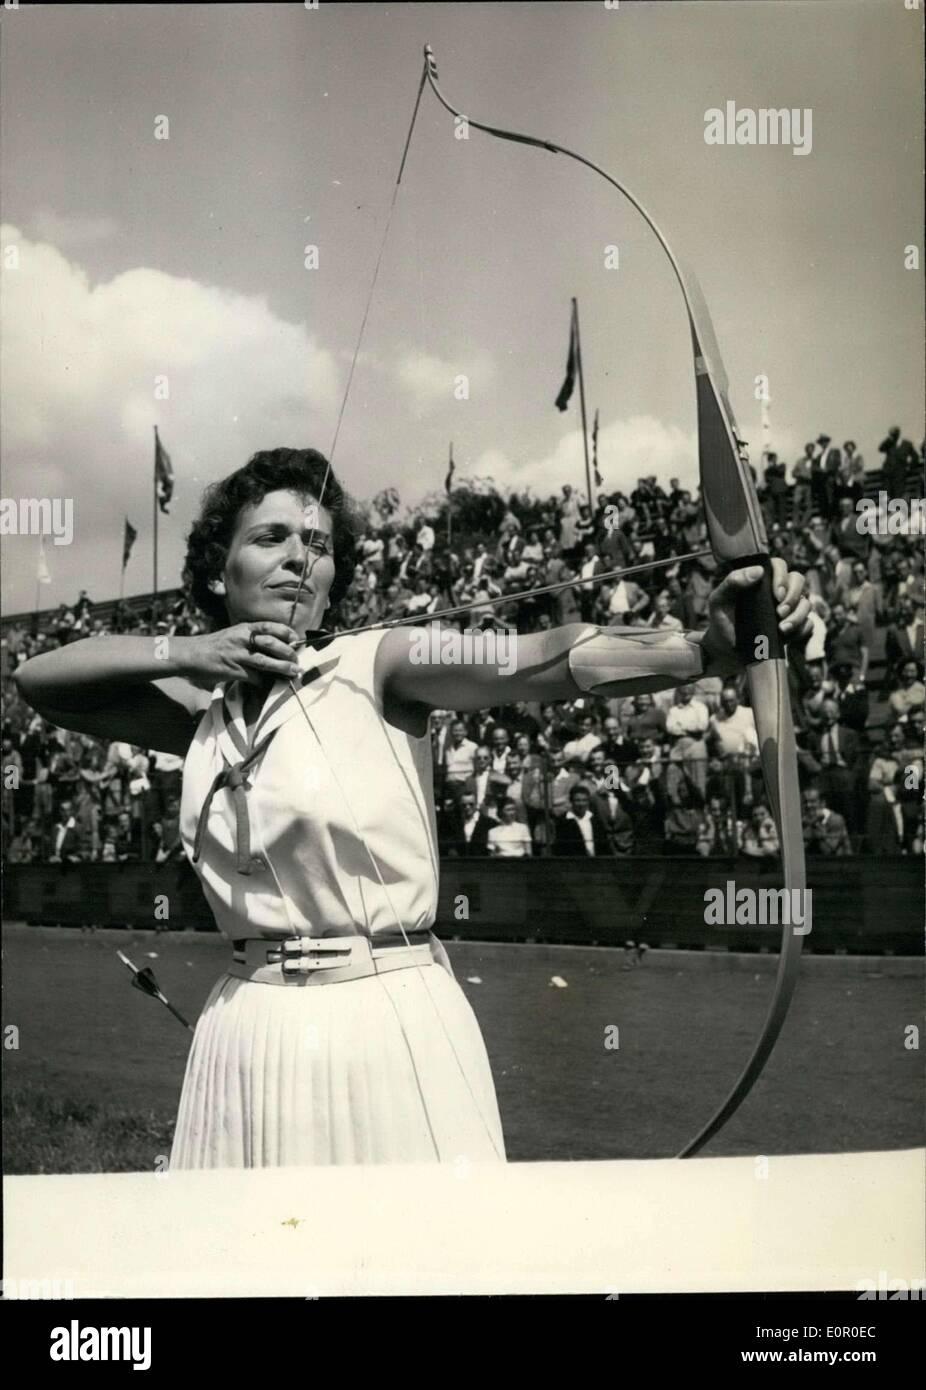 Jul 24, 1957 - American hombres y mujeres toman cuatro primeros lugares en el campeonato mundial de tiro con arco en Praque: El equipo masculino de americana Imagen De Stock